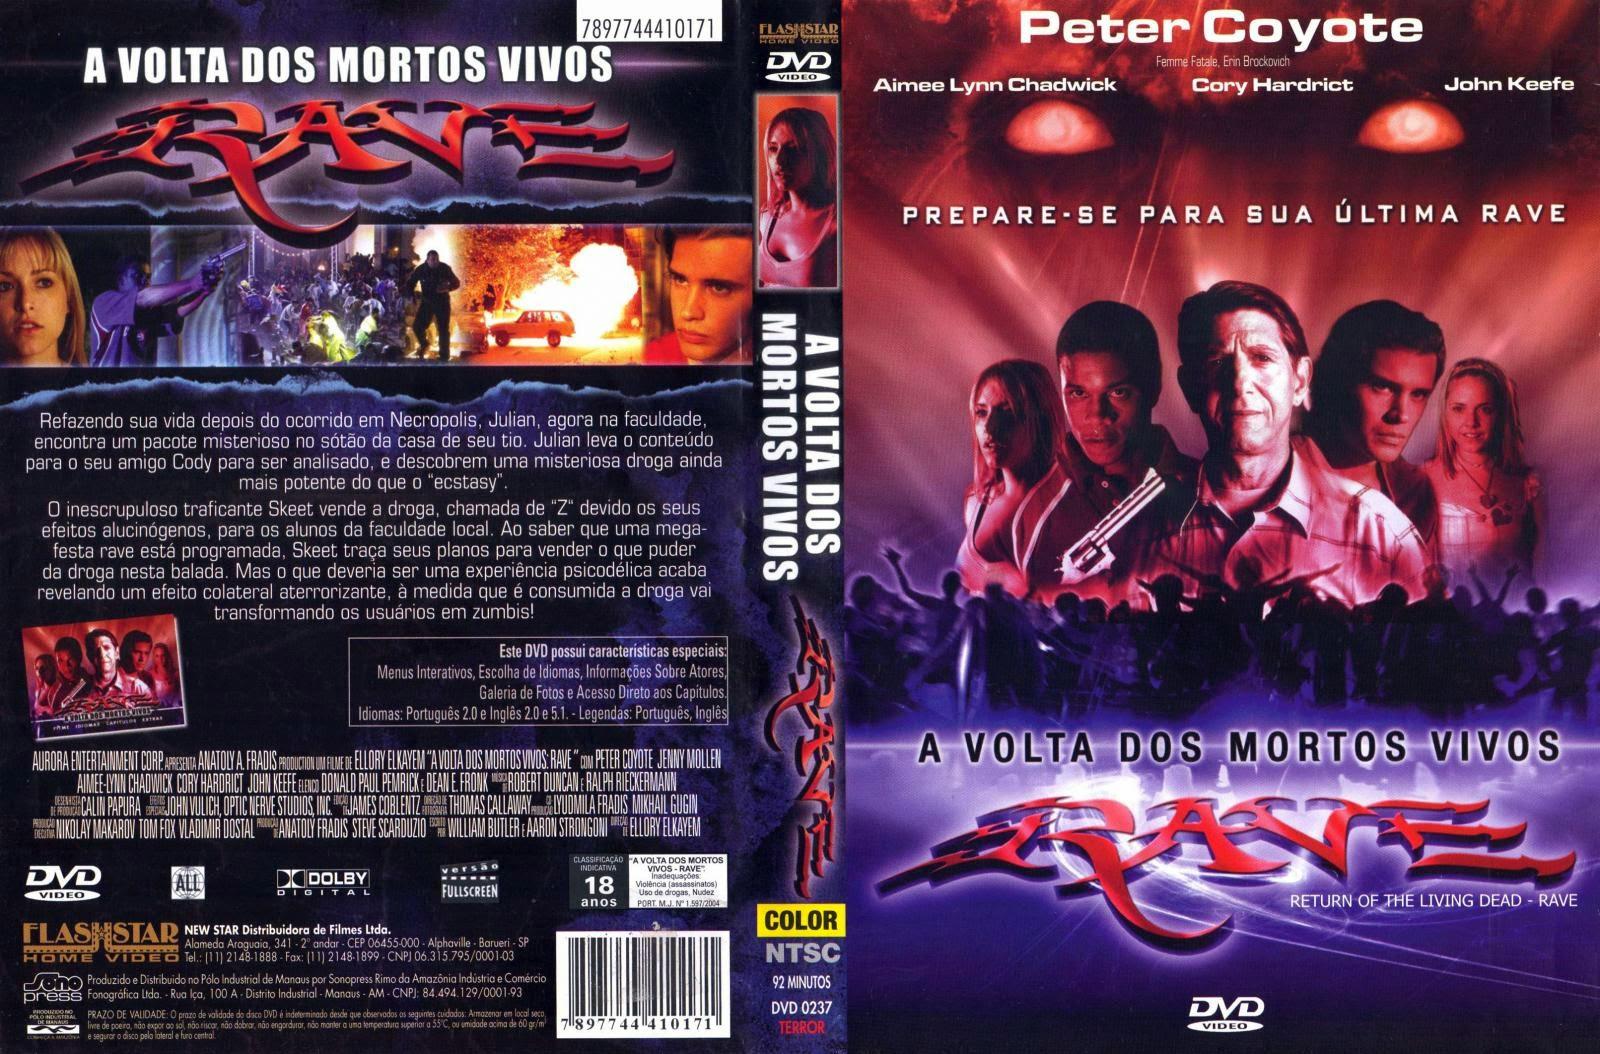 A Volta Dos Mortos Vivos 5 DVD Capa